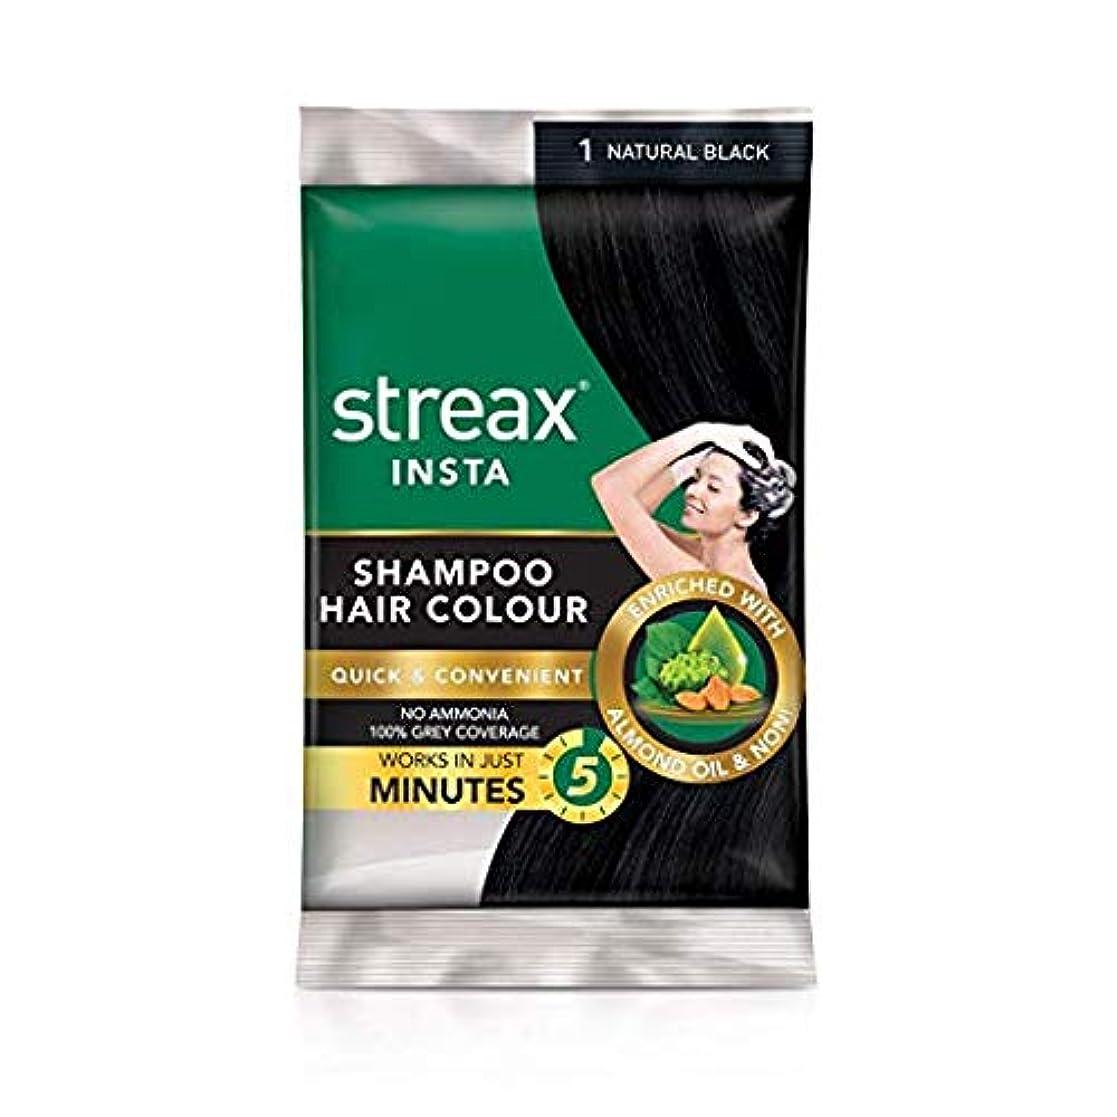 スパイラル有用波Omg-deal Pack of 10 Streax Shampoo Hair Colour Natural Black